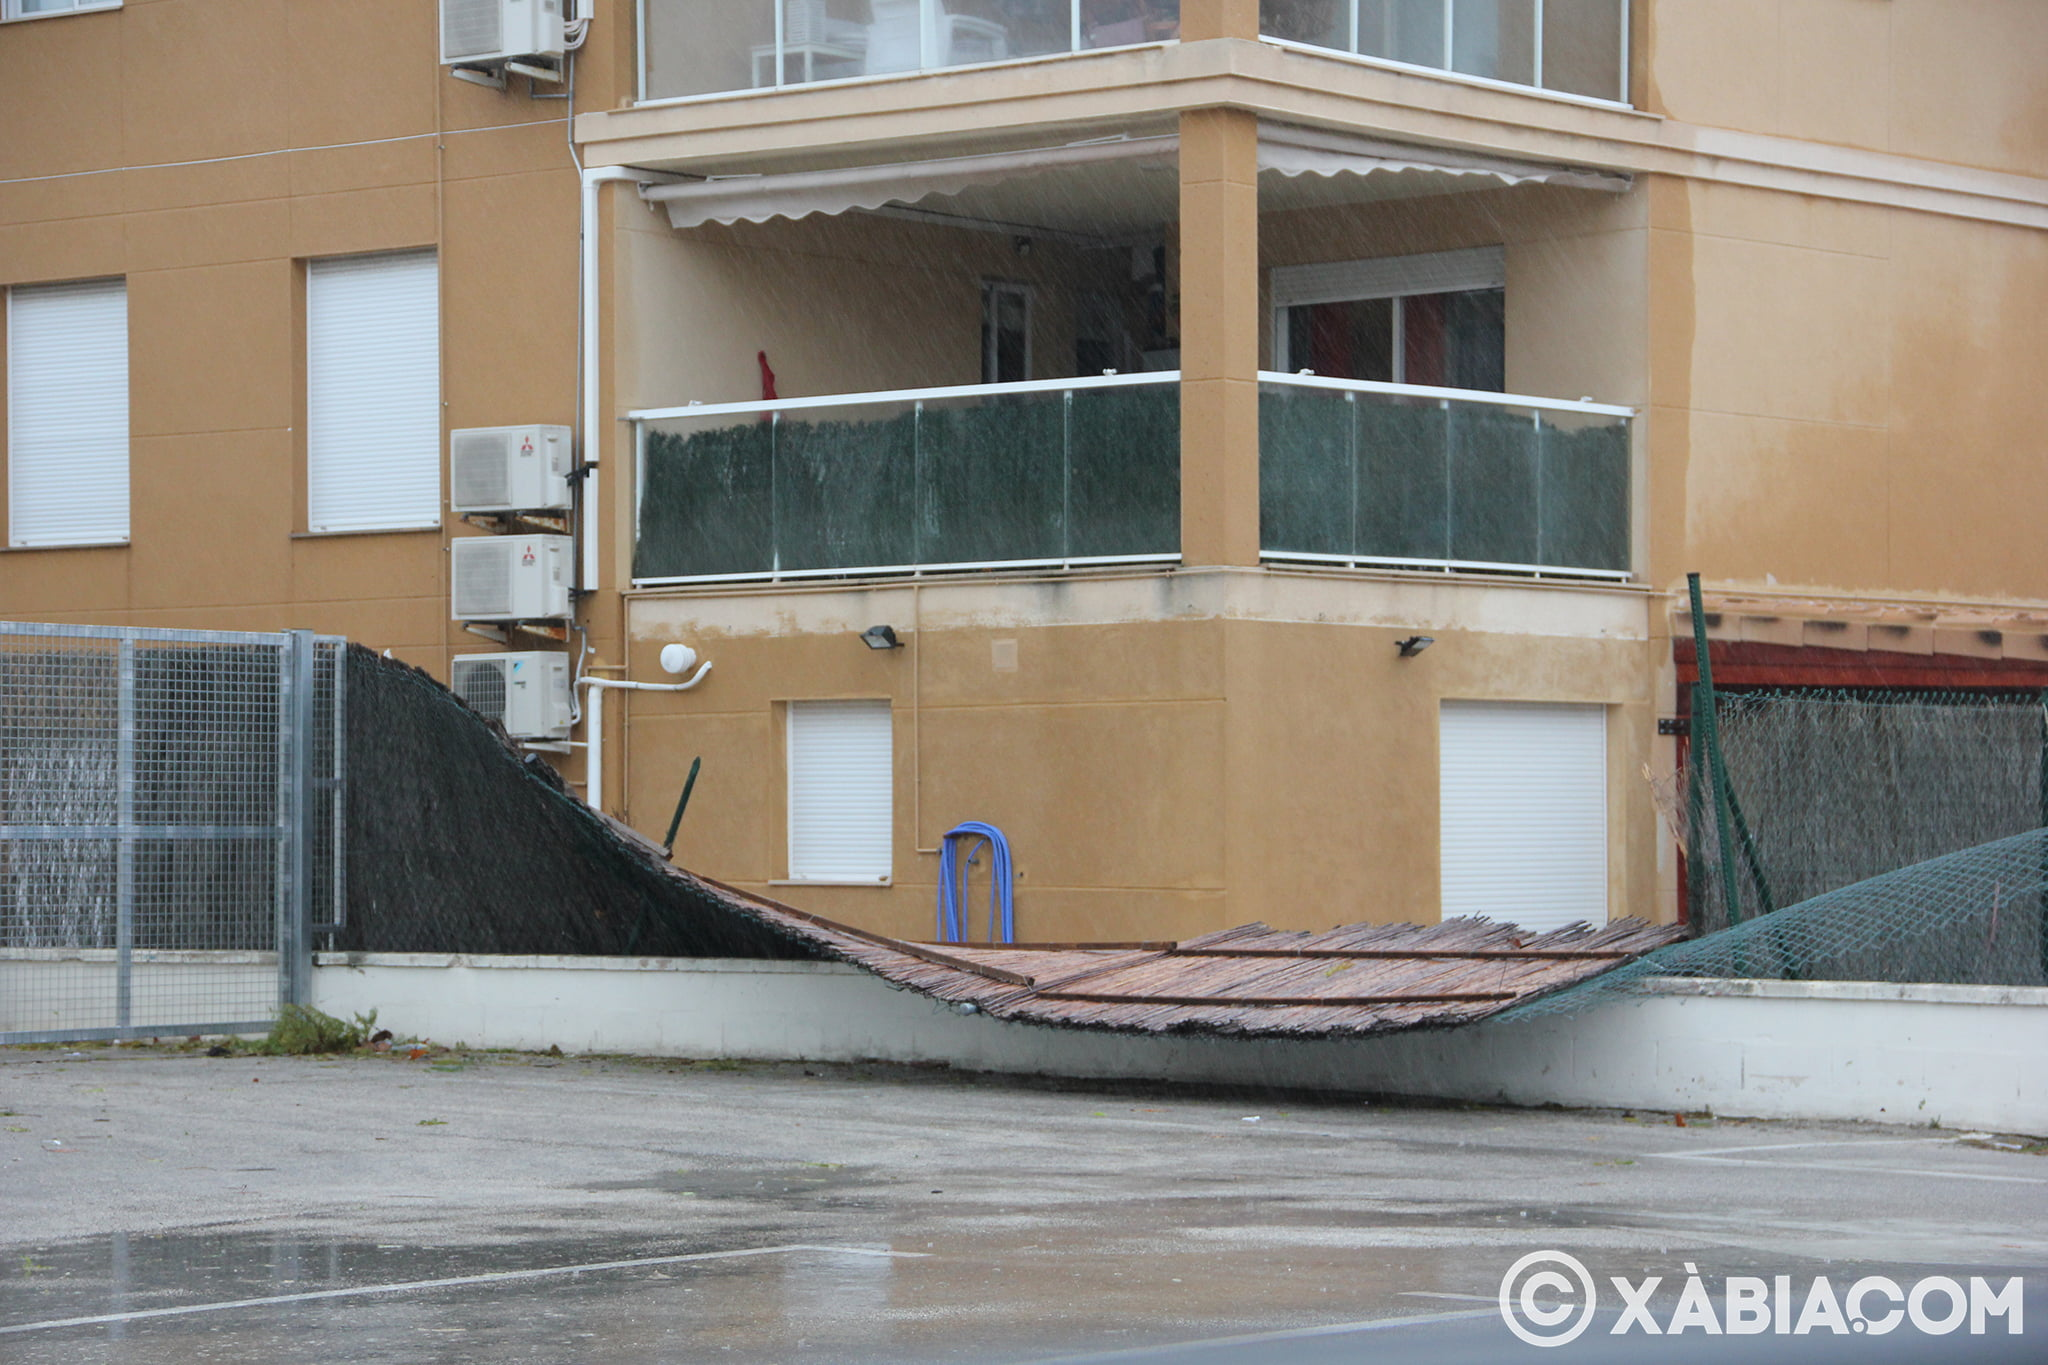 Brandelli di pioggia, vento e mare in Xàbia (43)